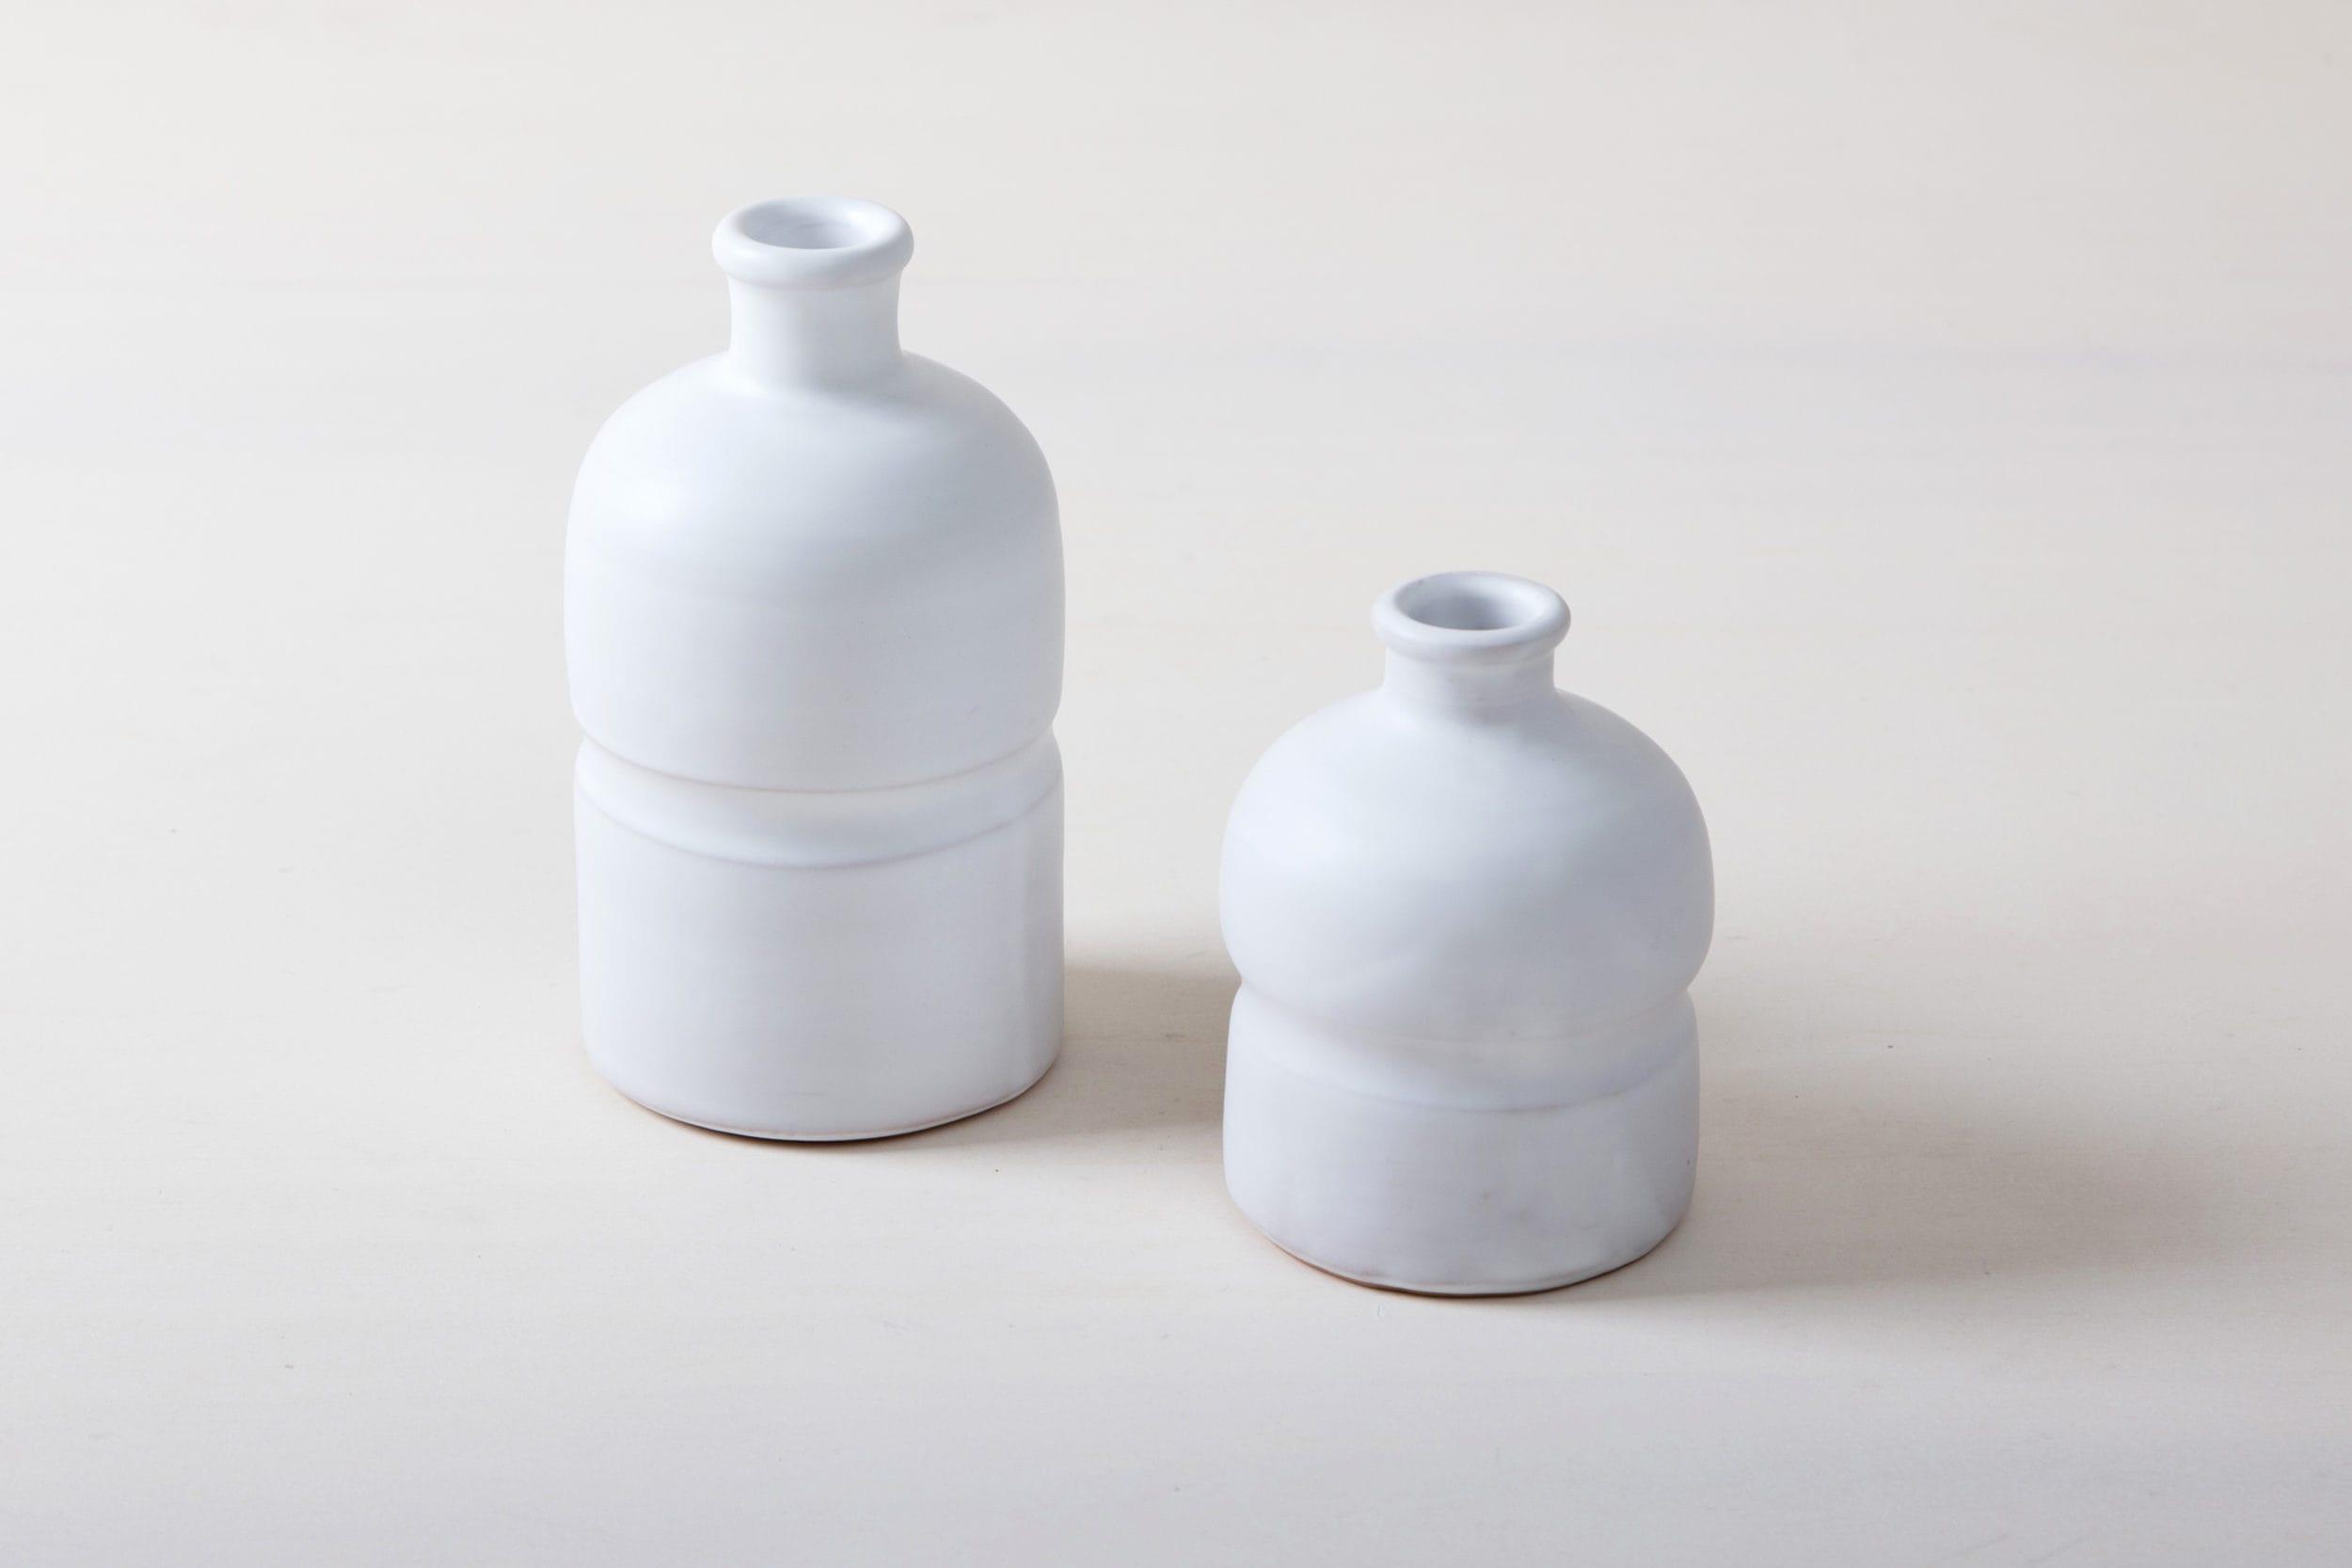 Farbe Radio Button | Matt weiß glasierte Keramik Vase aus Süditalien. Moderne schlichte Form. In großer Stückzahl verfügbar, daher gut geeignet für Tischdekorationen mir vielen Gästen. |